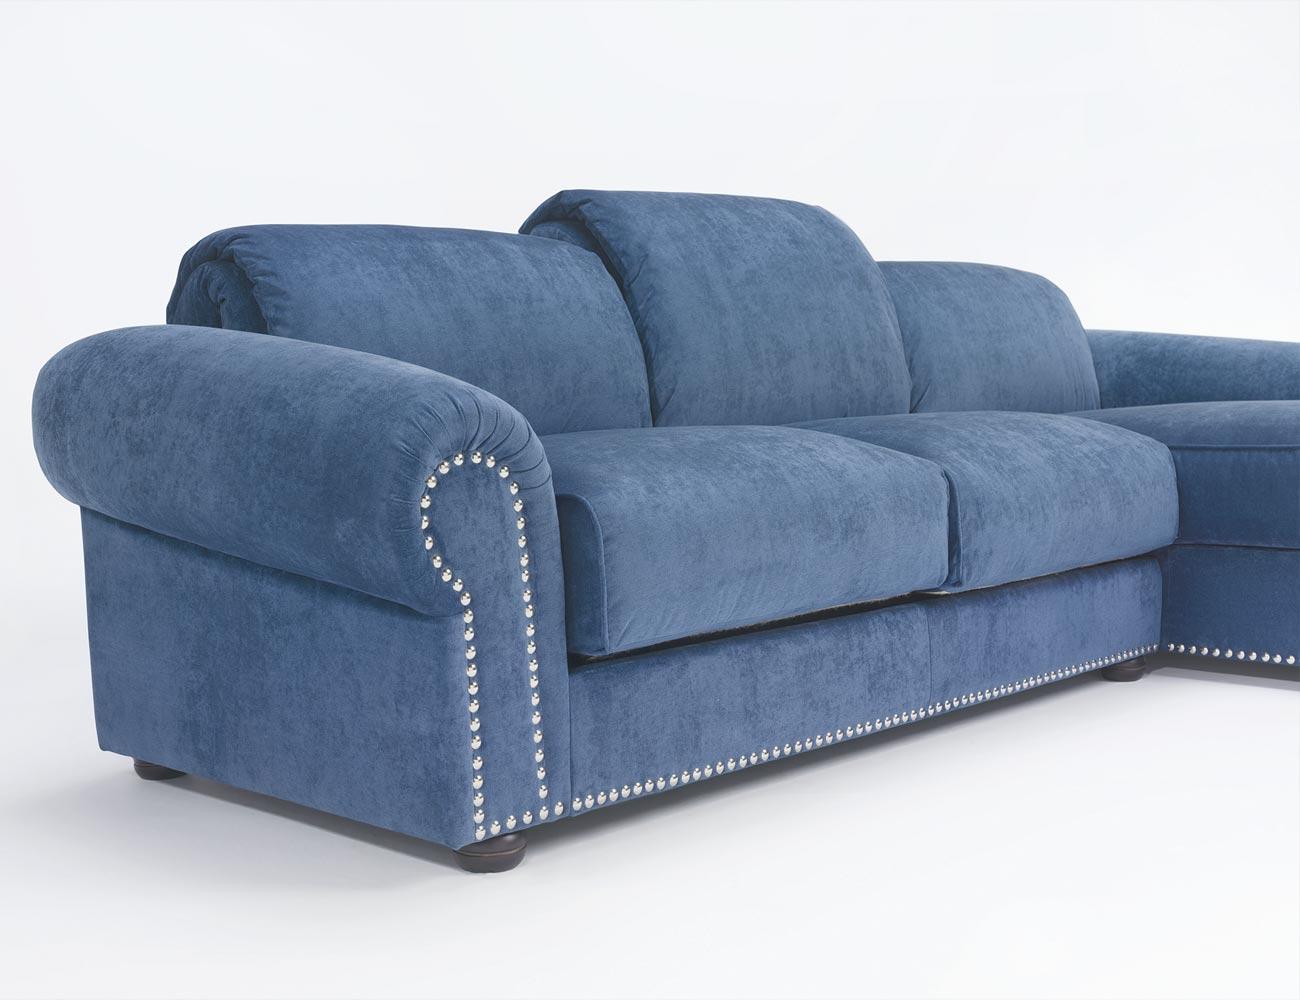 Sofa chaiselongue gran lujo decorativo azul 16